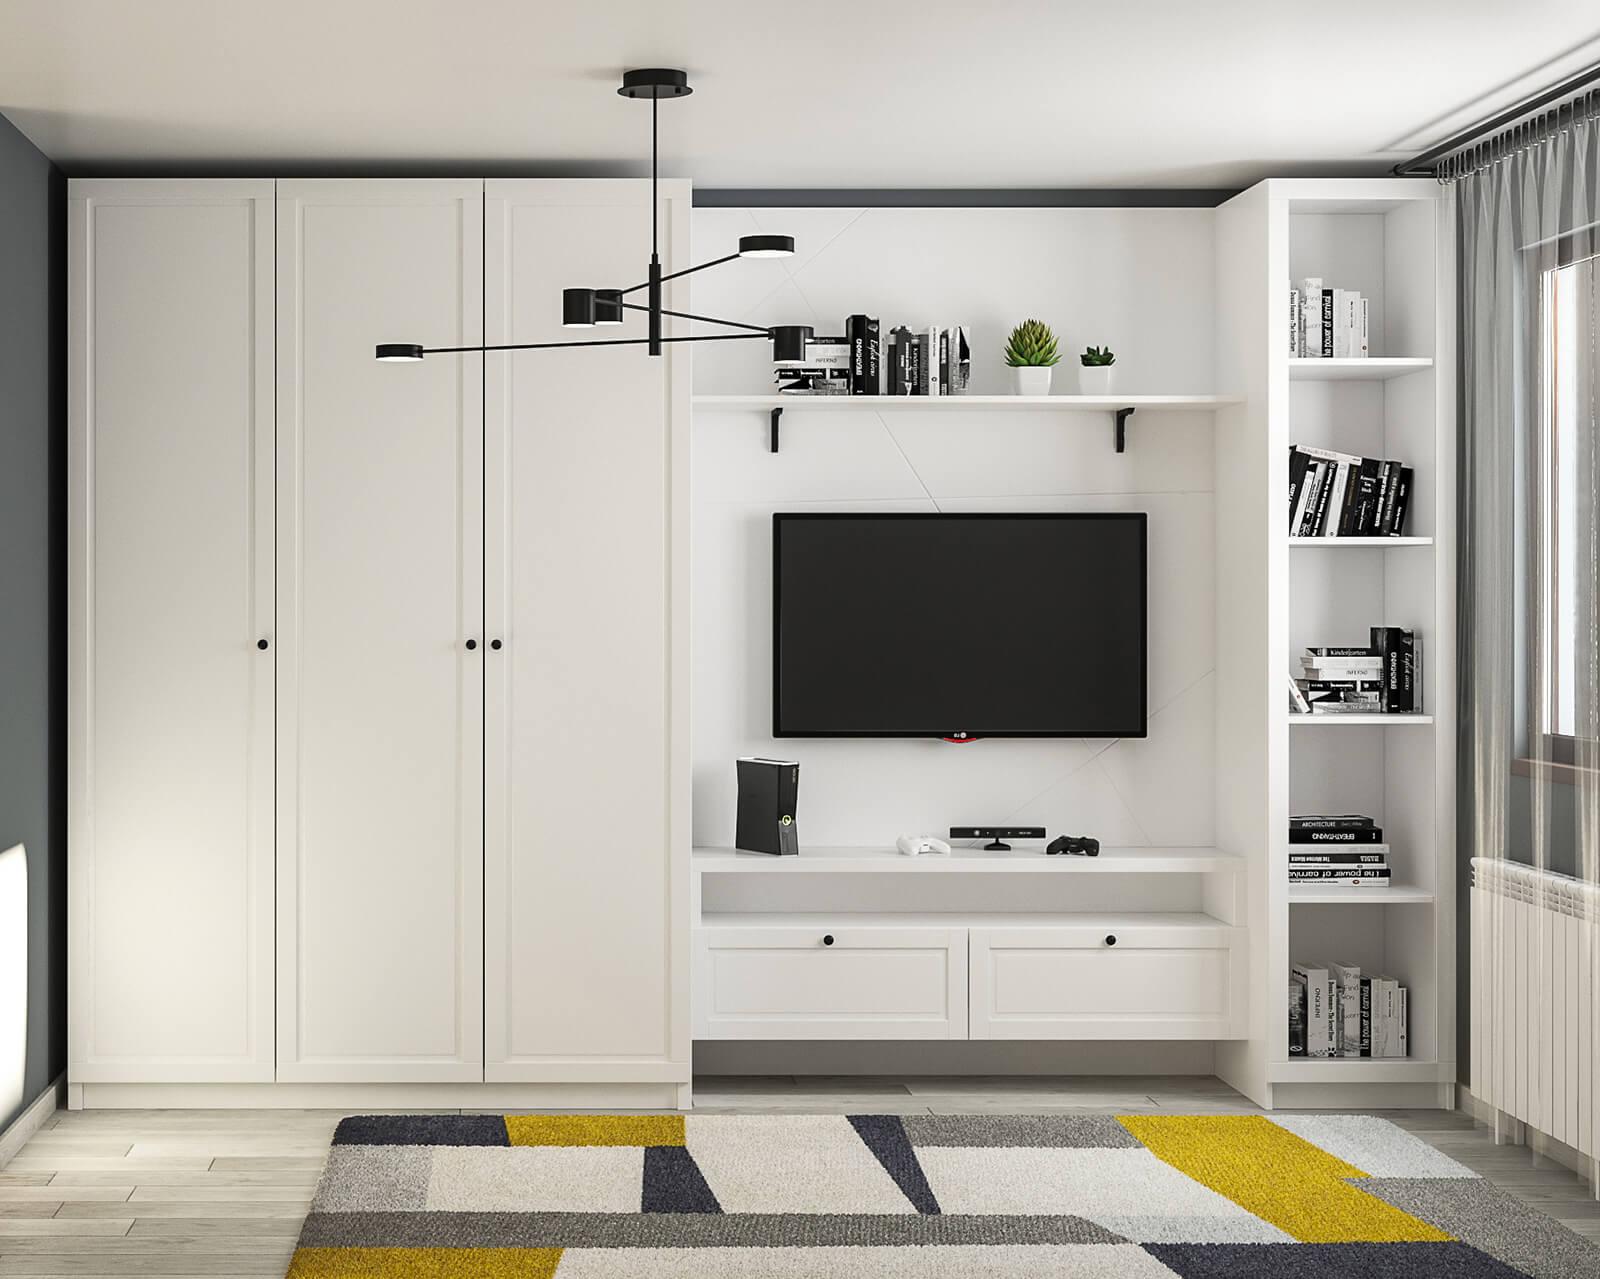 interioren-dizain-proekt-na-momcheshka-staya